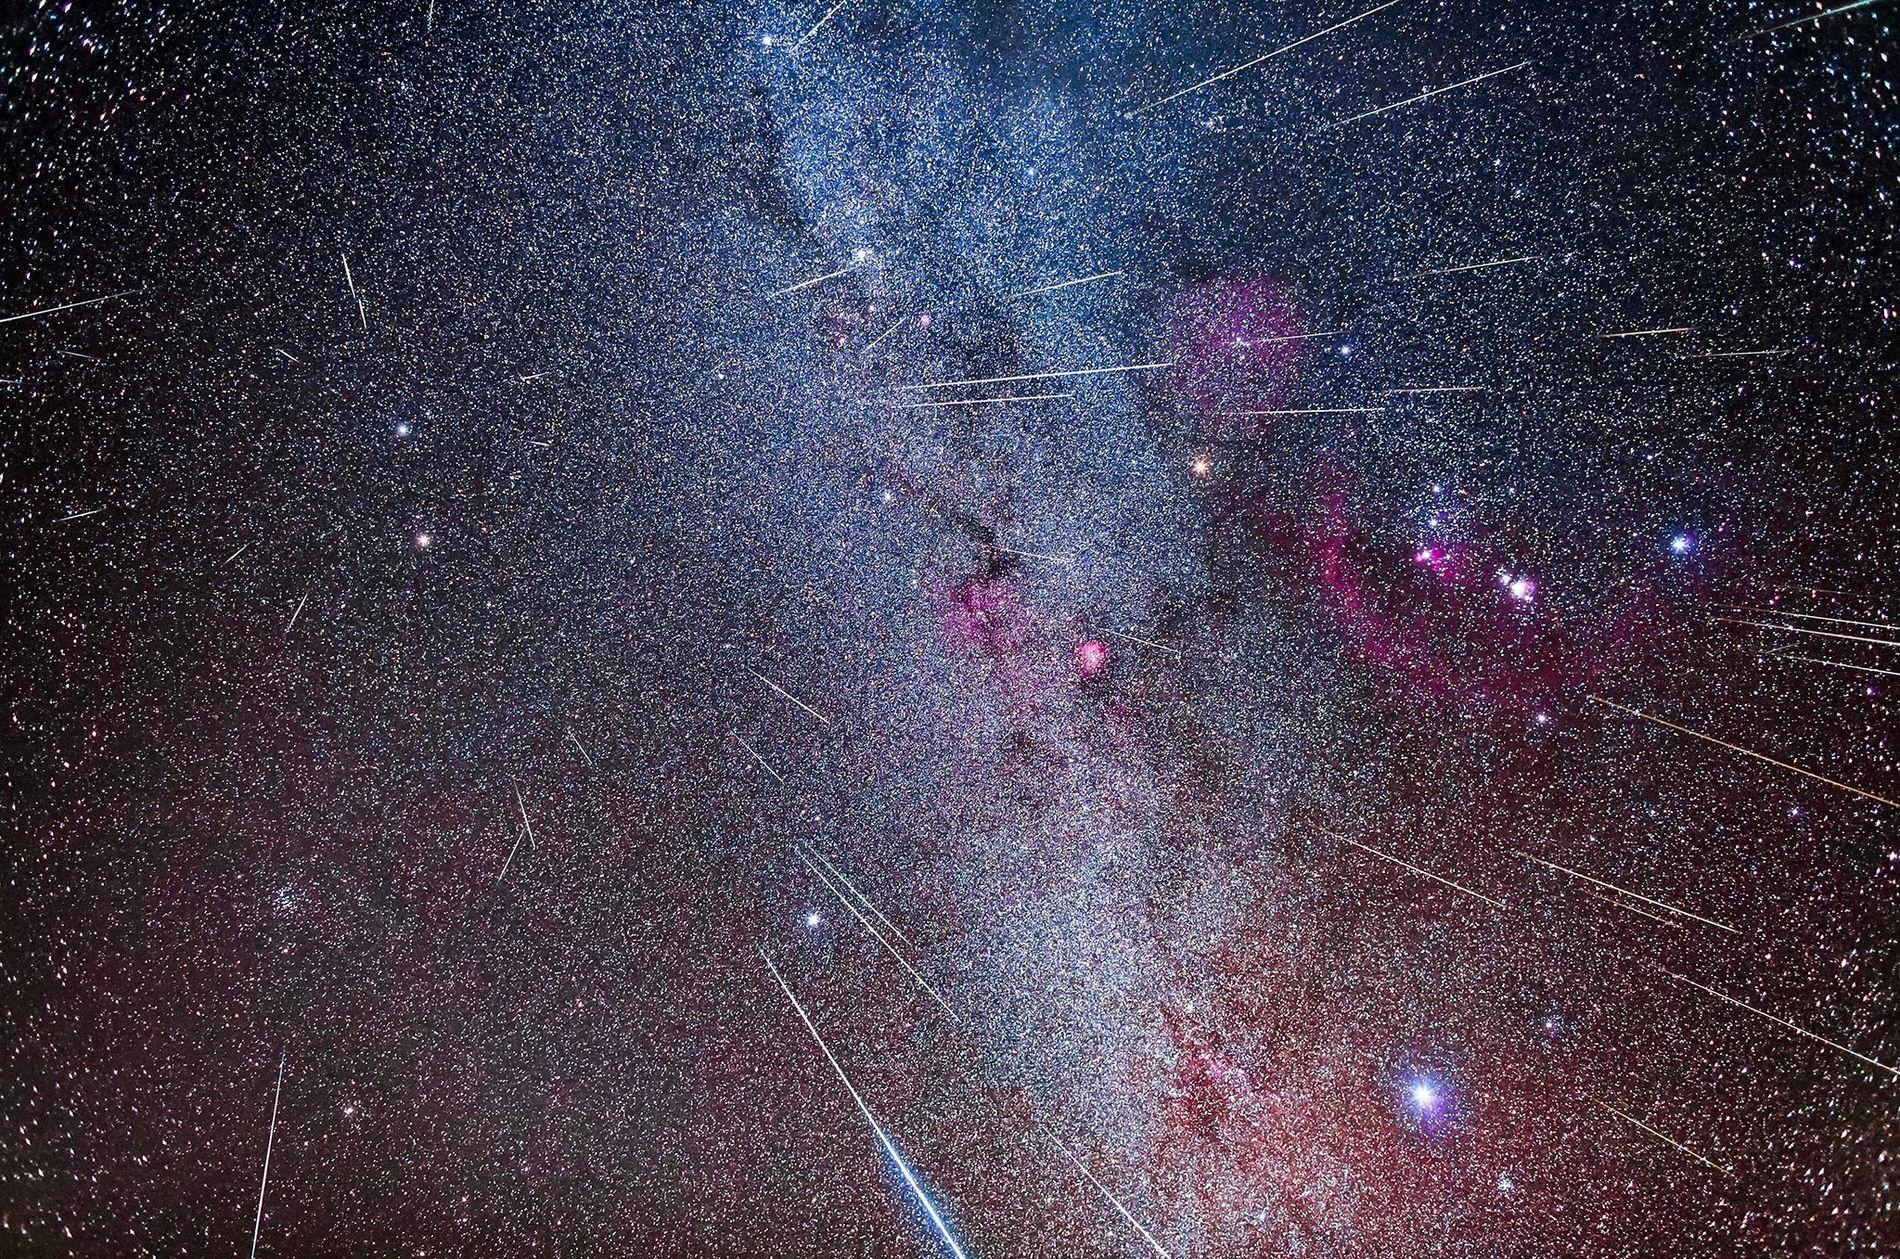 Photographie composite de la pluie de météores des Géminides, qui provient de sa constellation éponyme des Gémeaux.